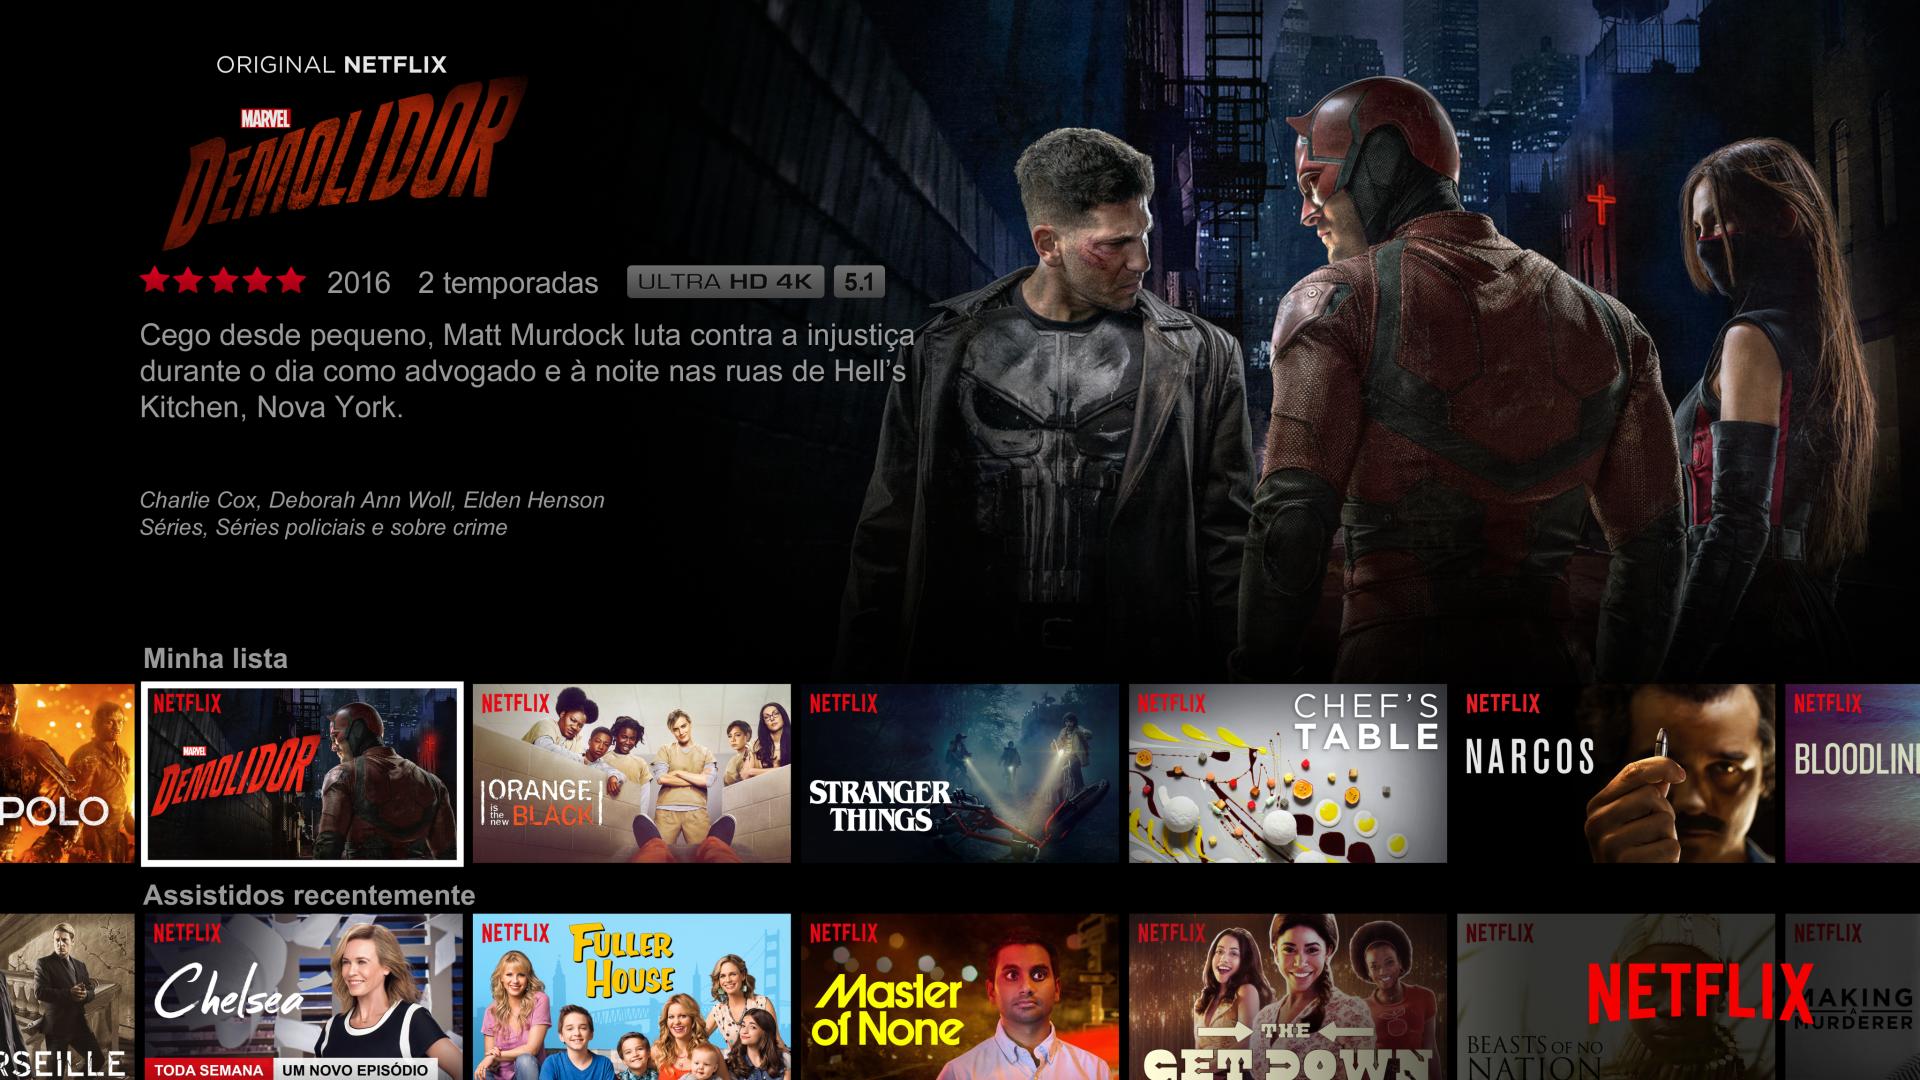 Tela principal da Netflix em português